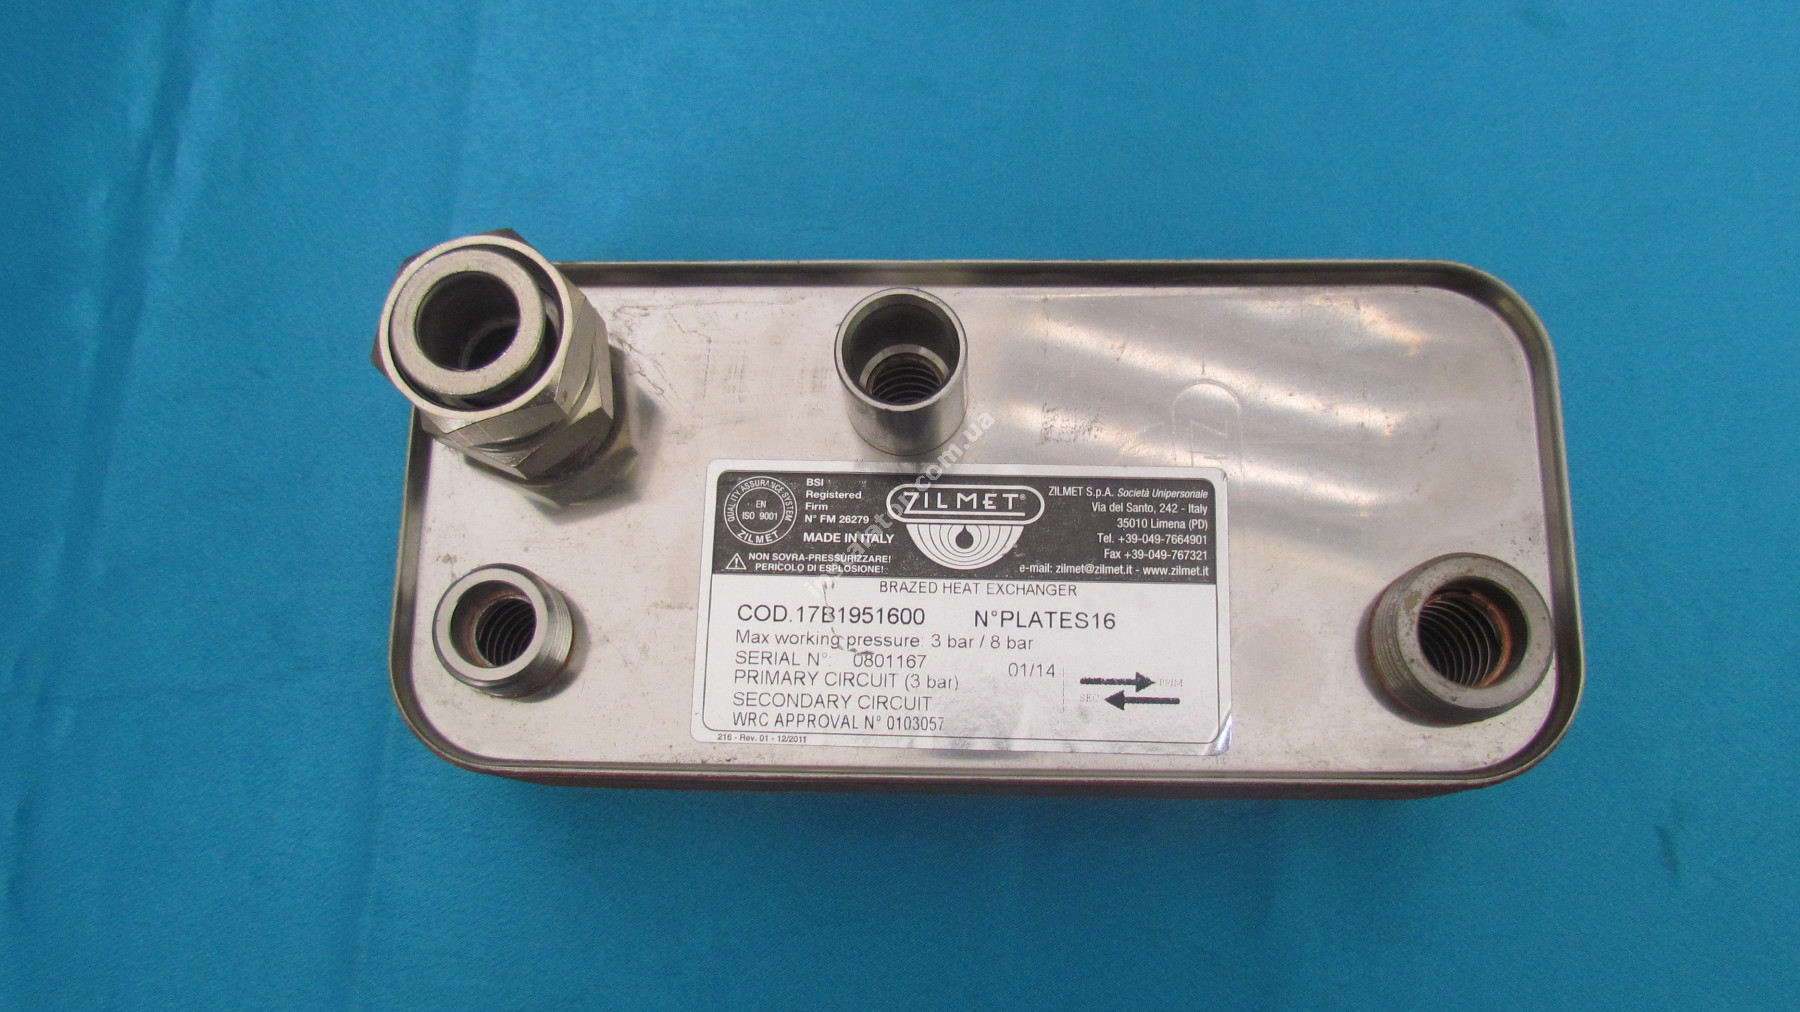 17B1951400 Теплообмінник вторинний ГВП 14 пластин ZILMET full-image-1